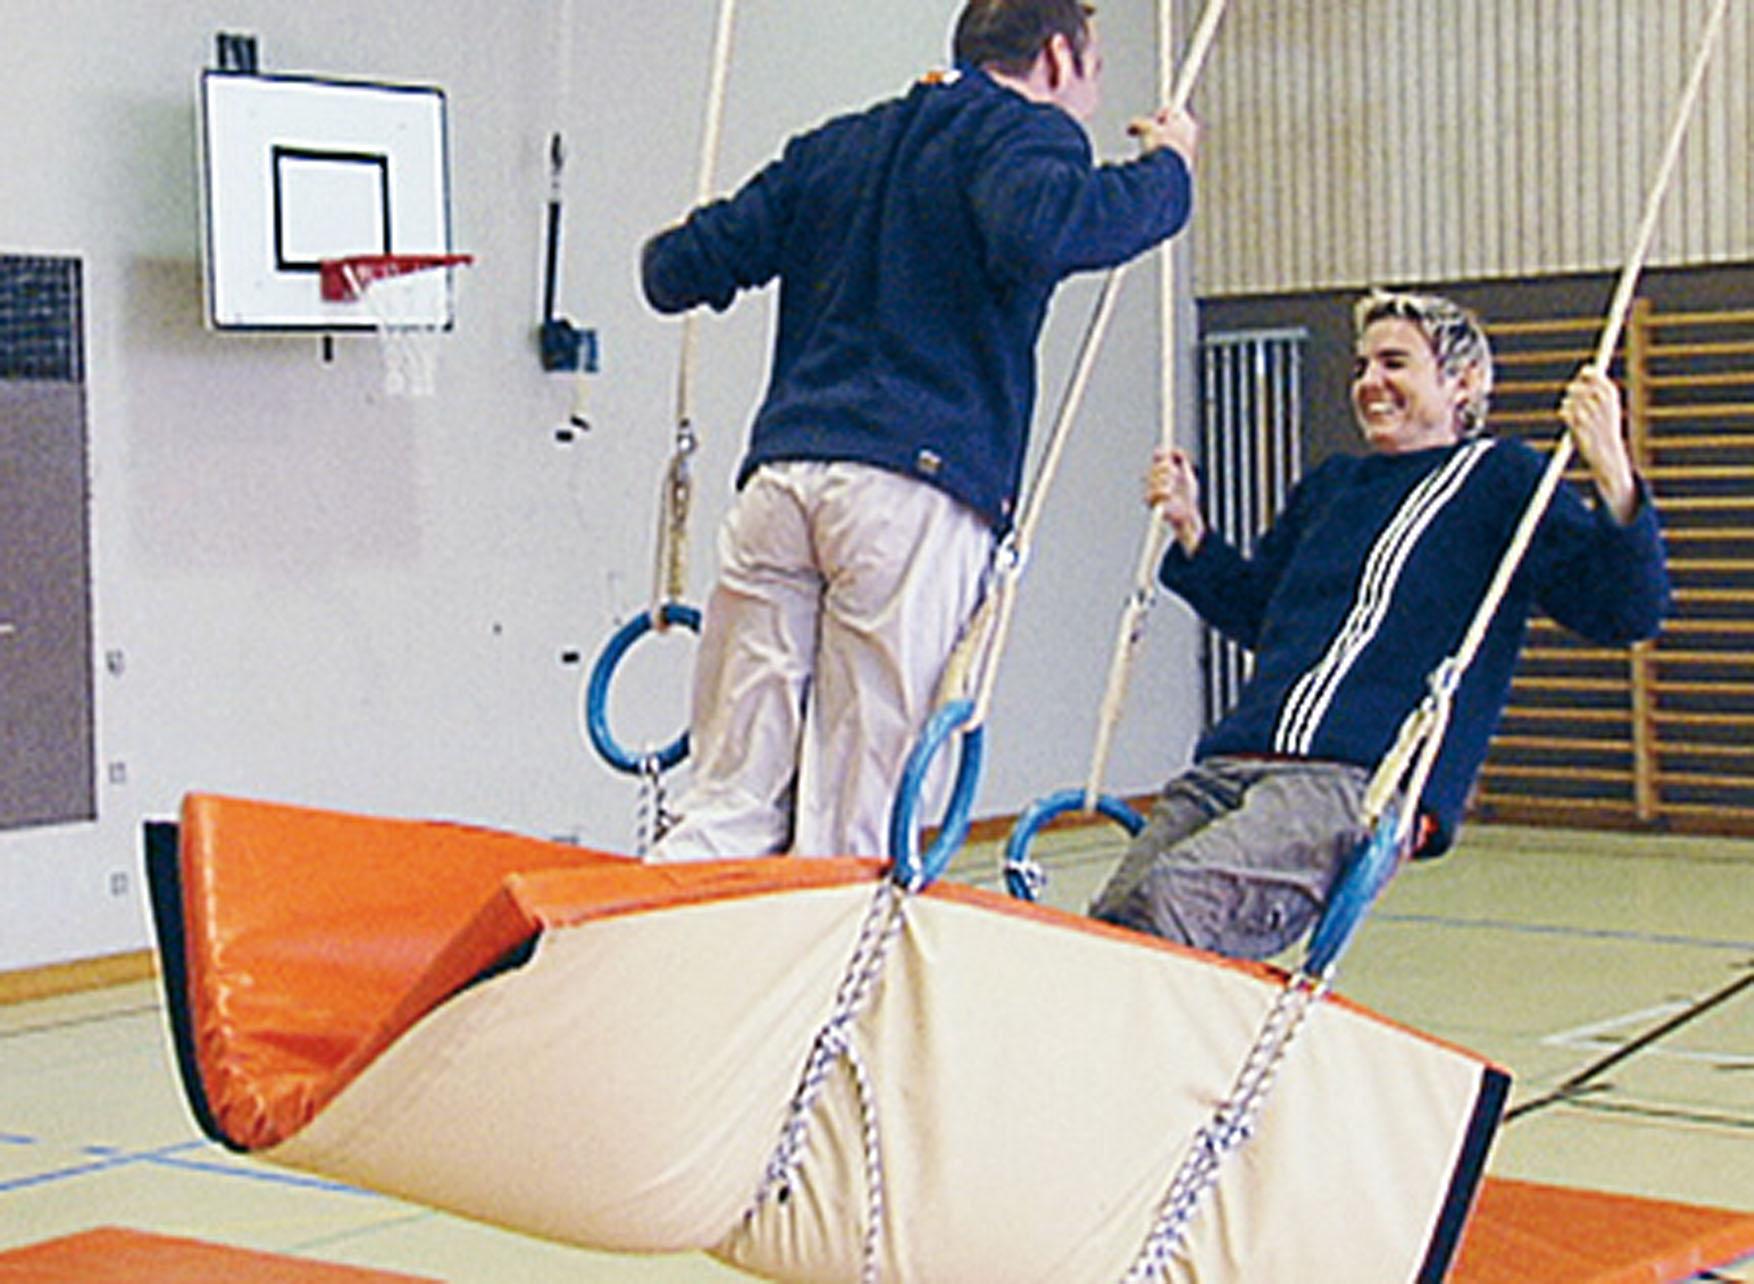 Schaukelringe Fliegender Teppich » mobilesportch